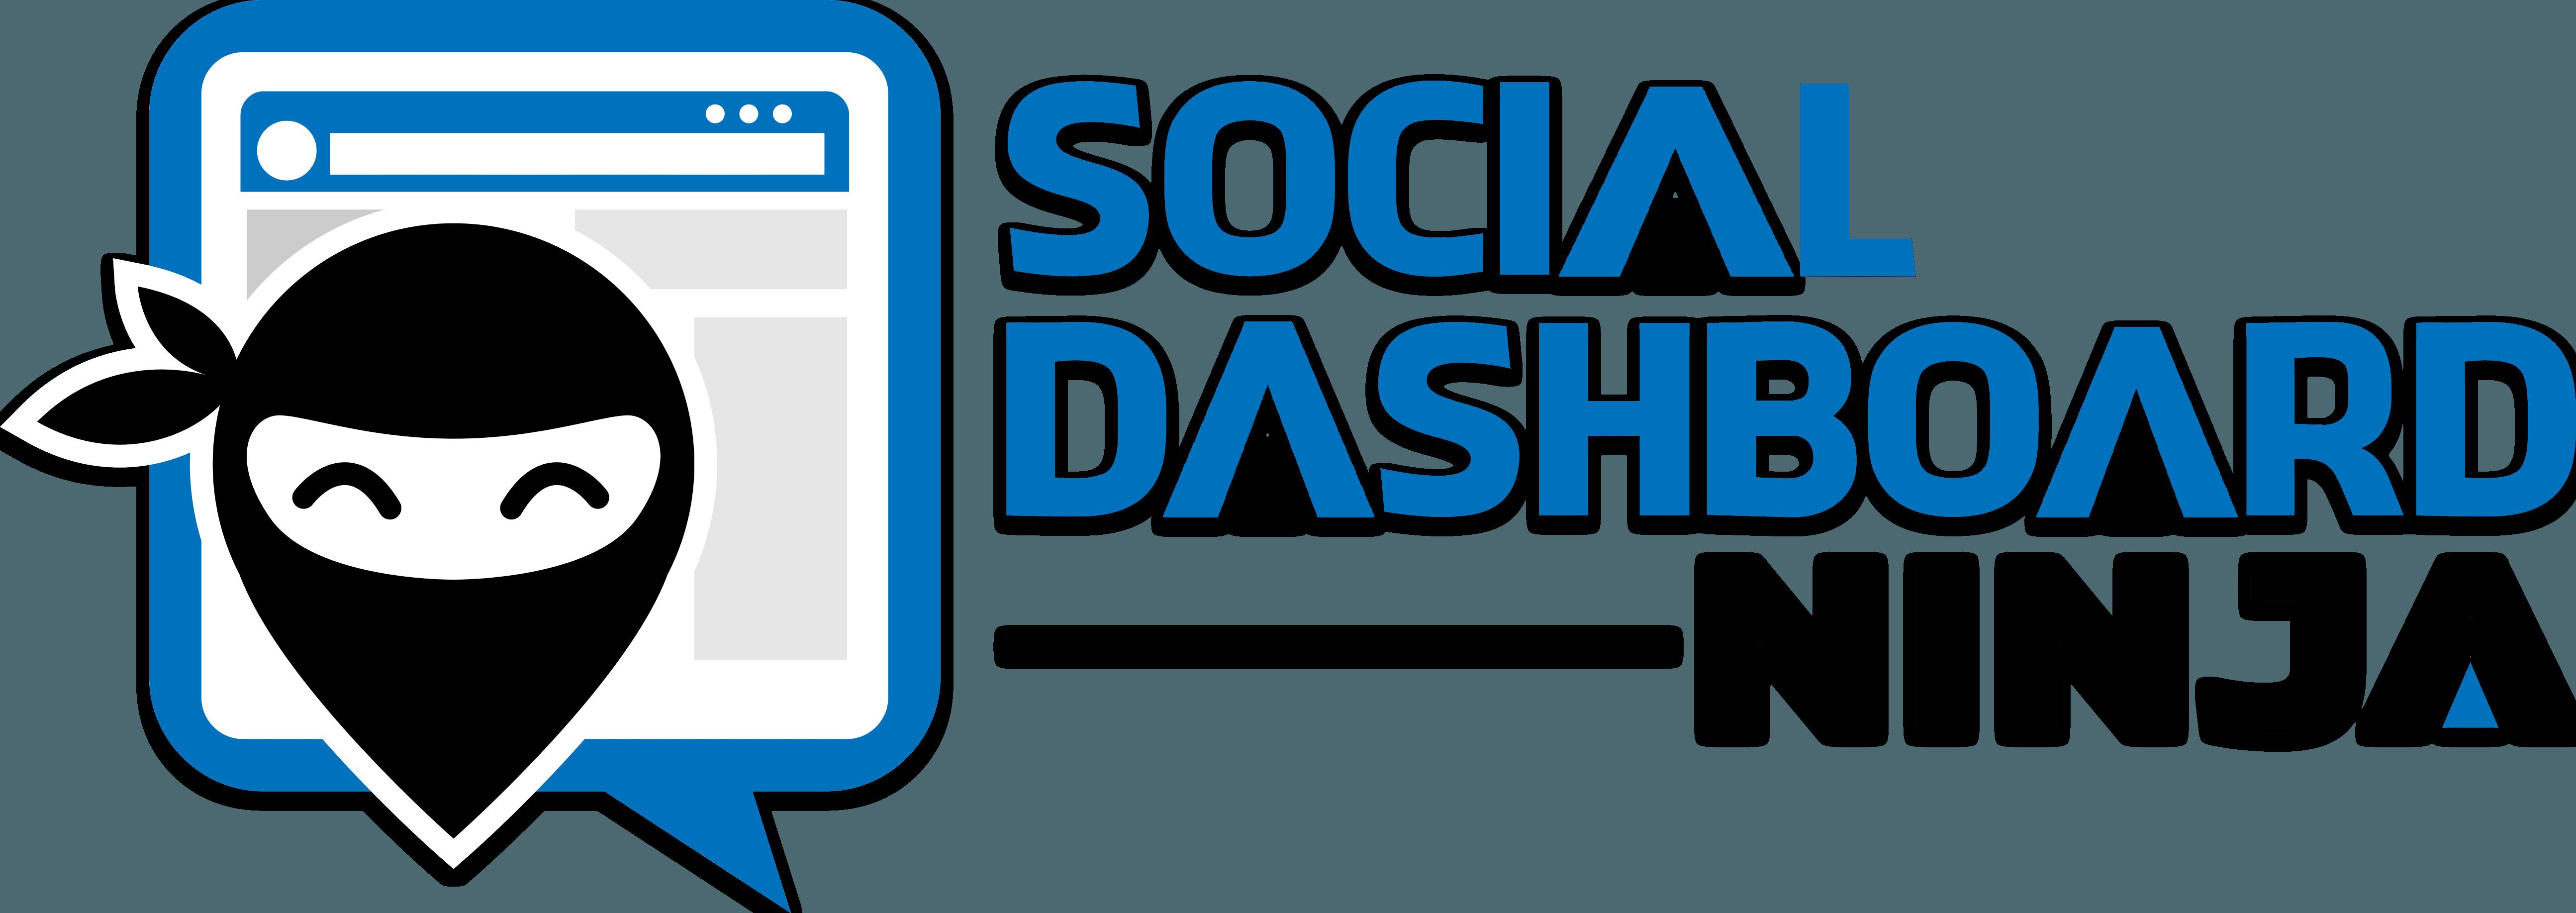 Social Dashboard Ninja